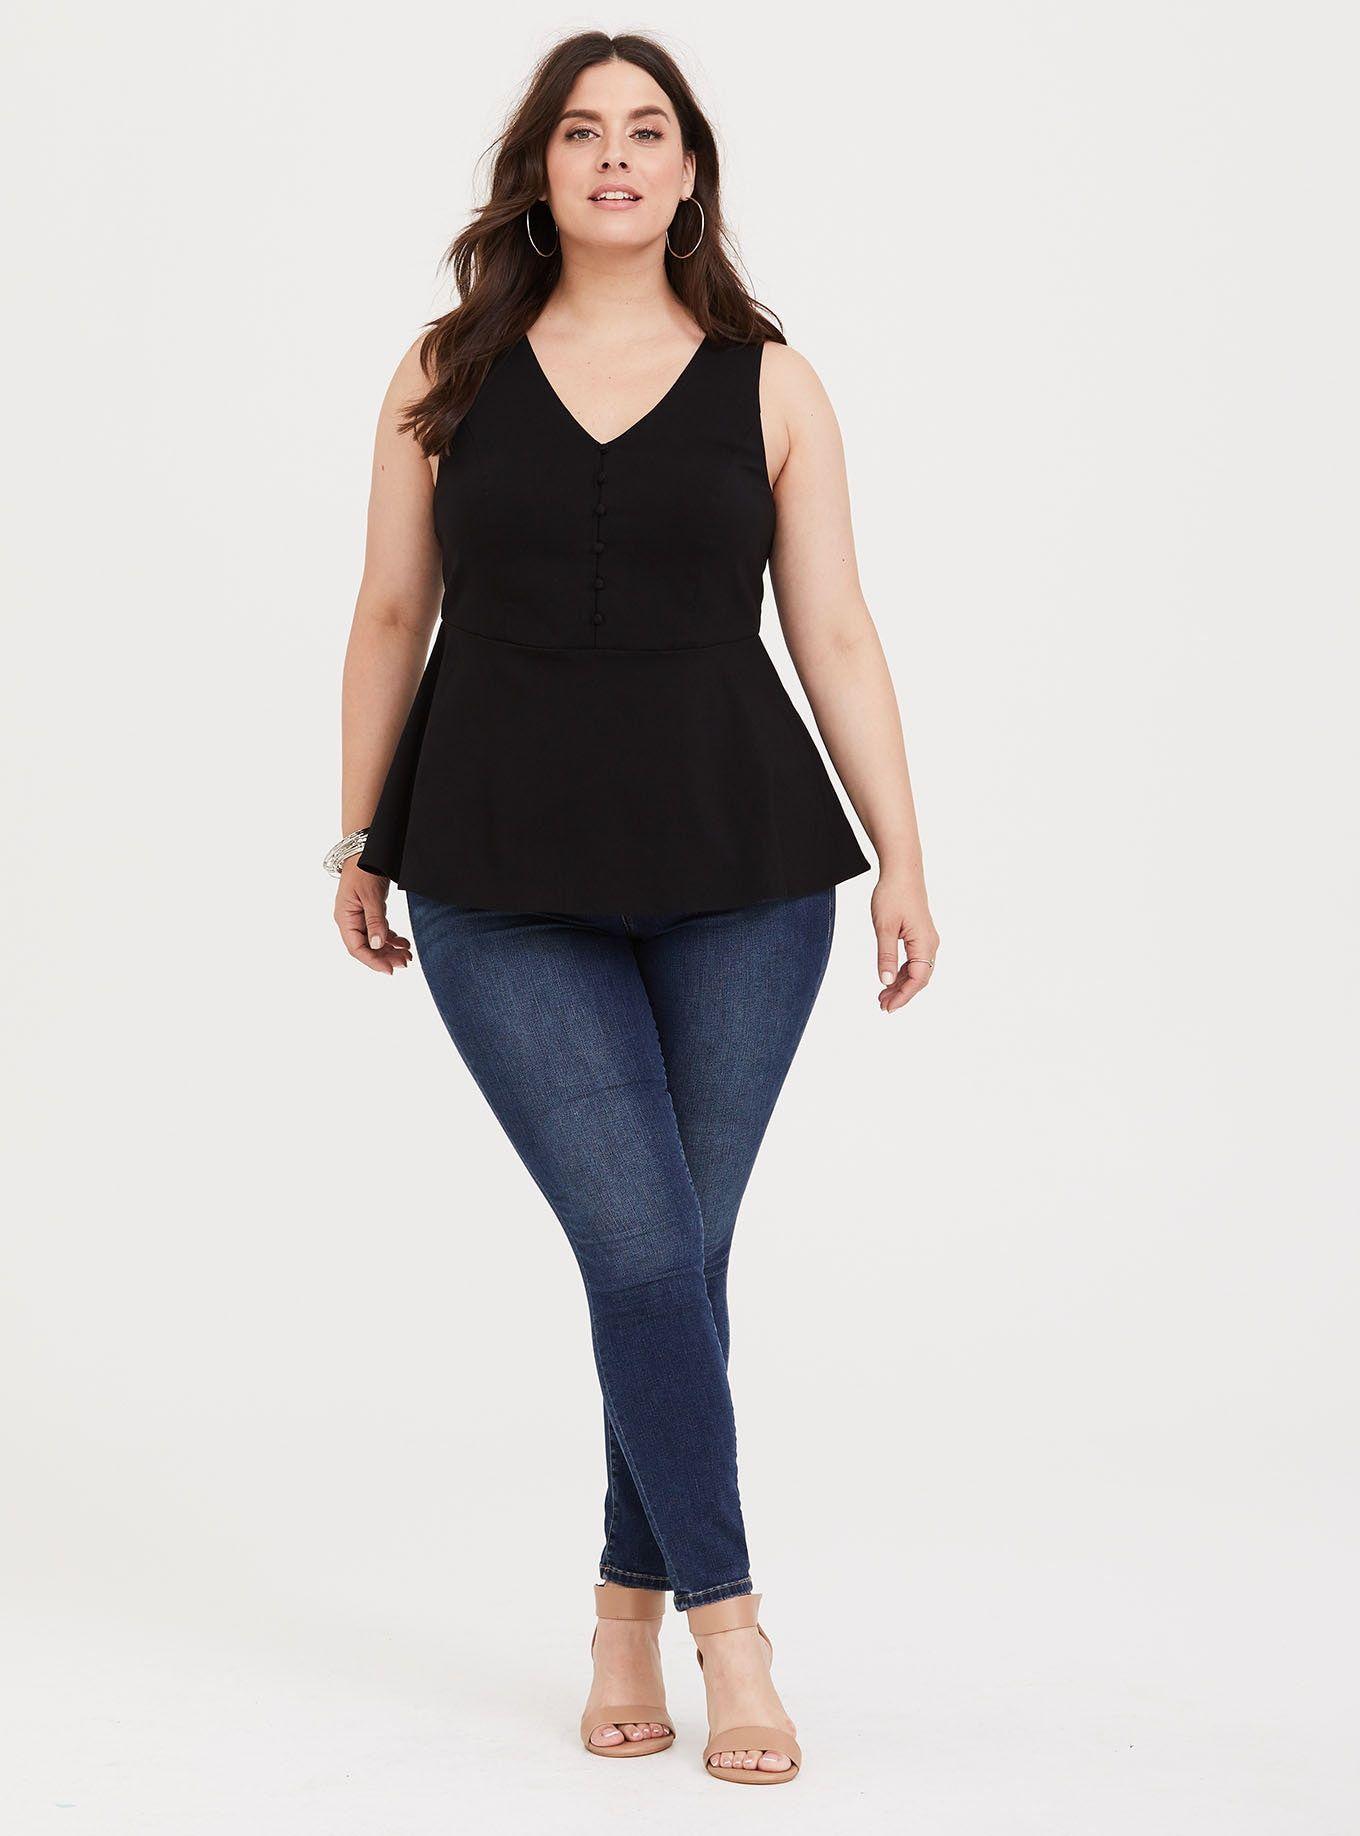 black tank dress plus size